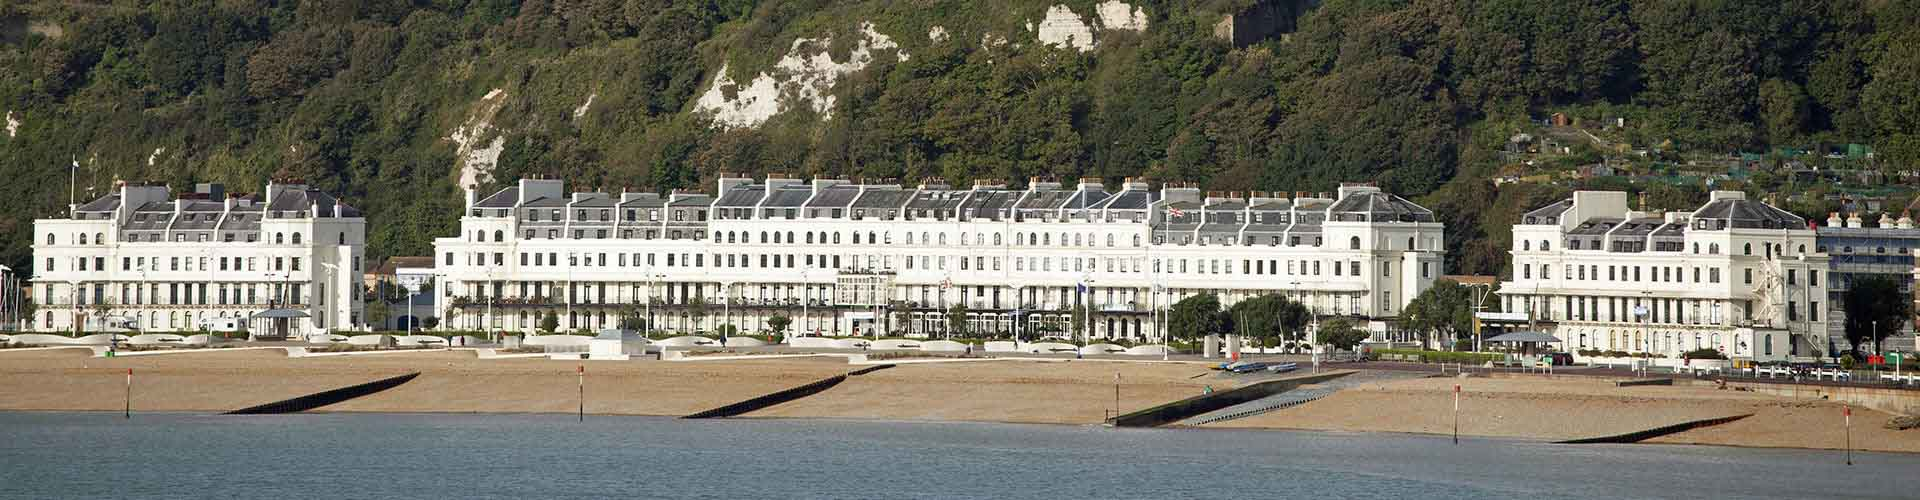 Dover - Hostele w mieście: Dover, Mapy: Dover, Zdjęcia i Recenzje dla każdego hostelu w mieście Dover.